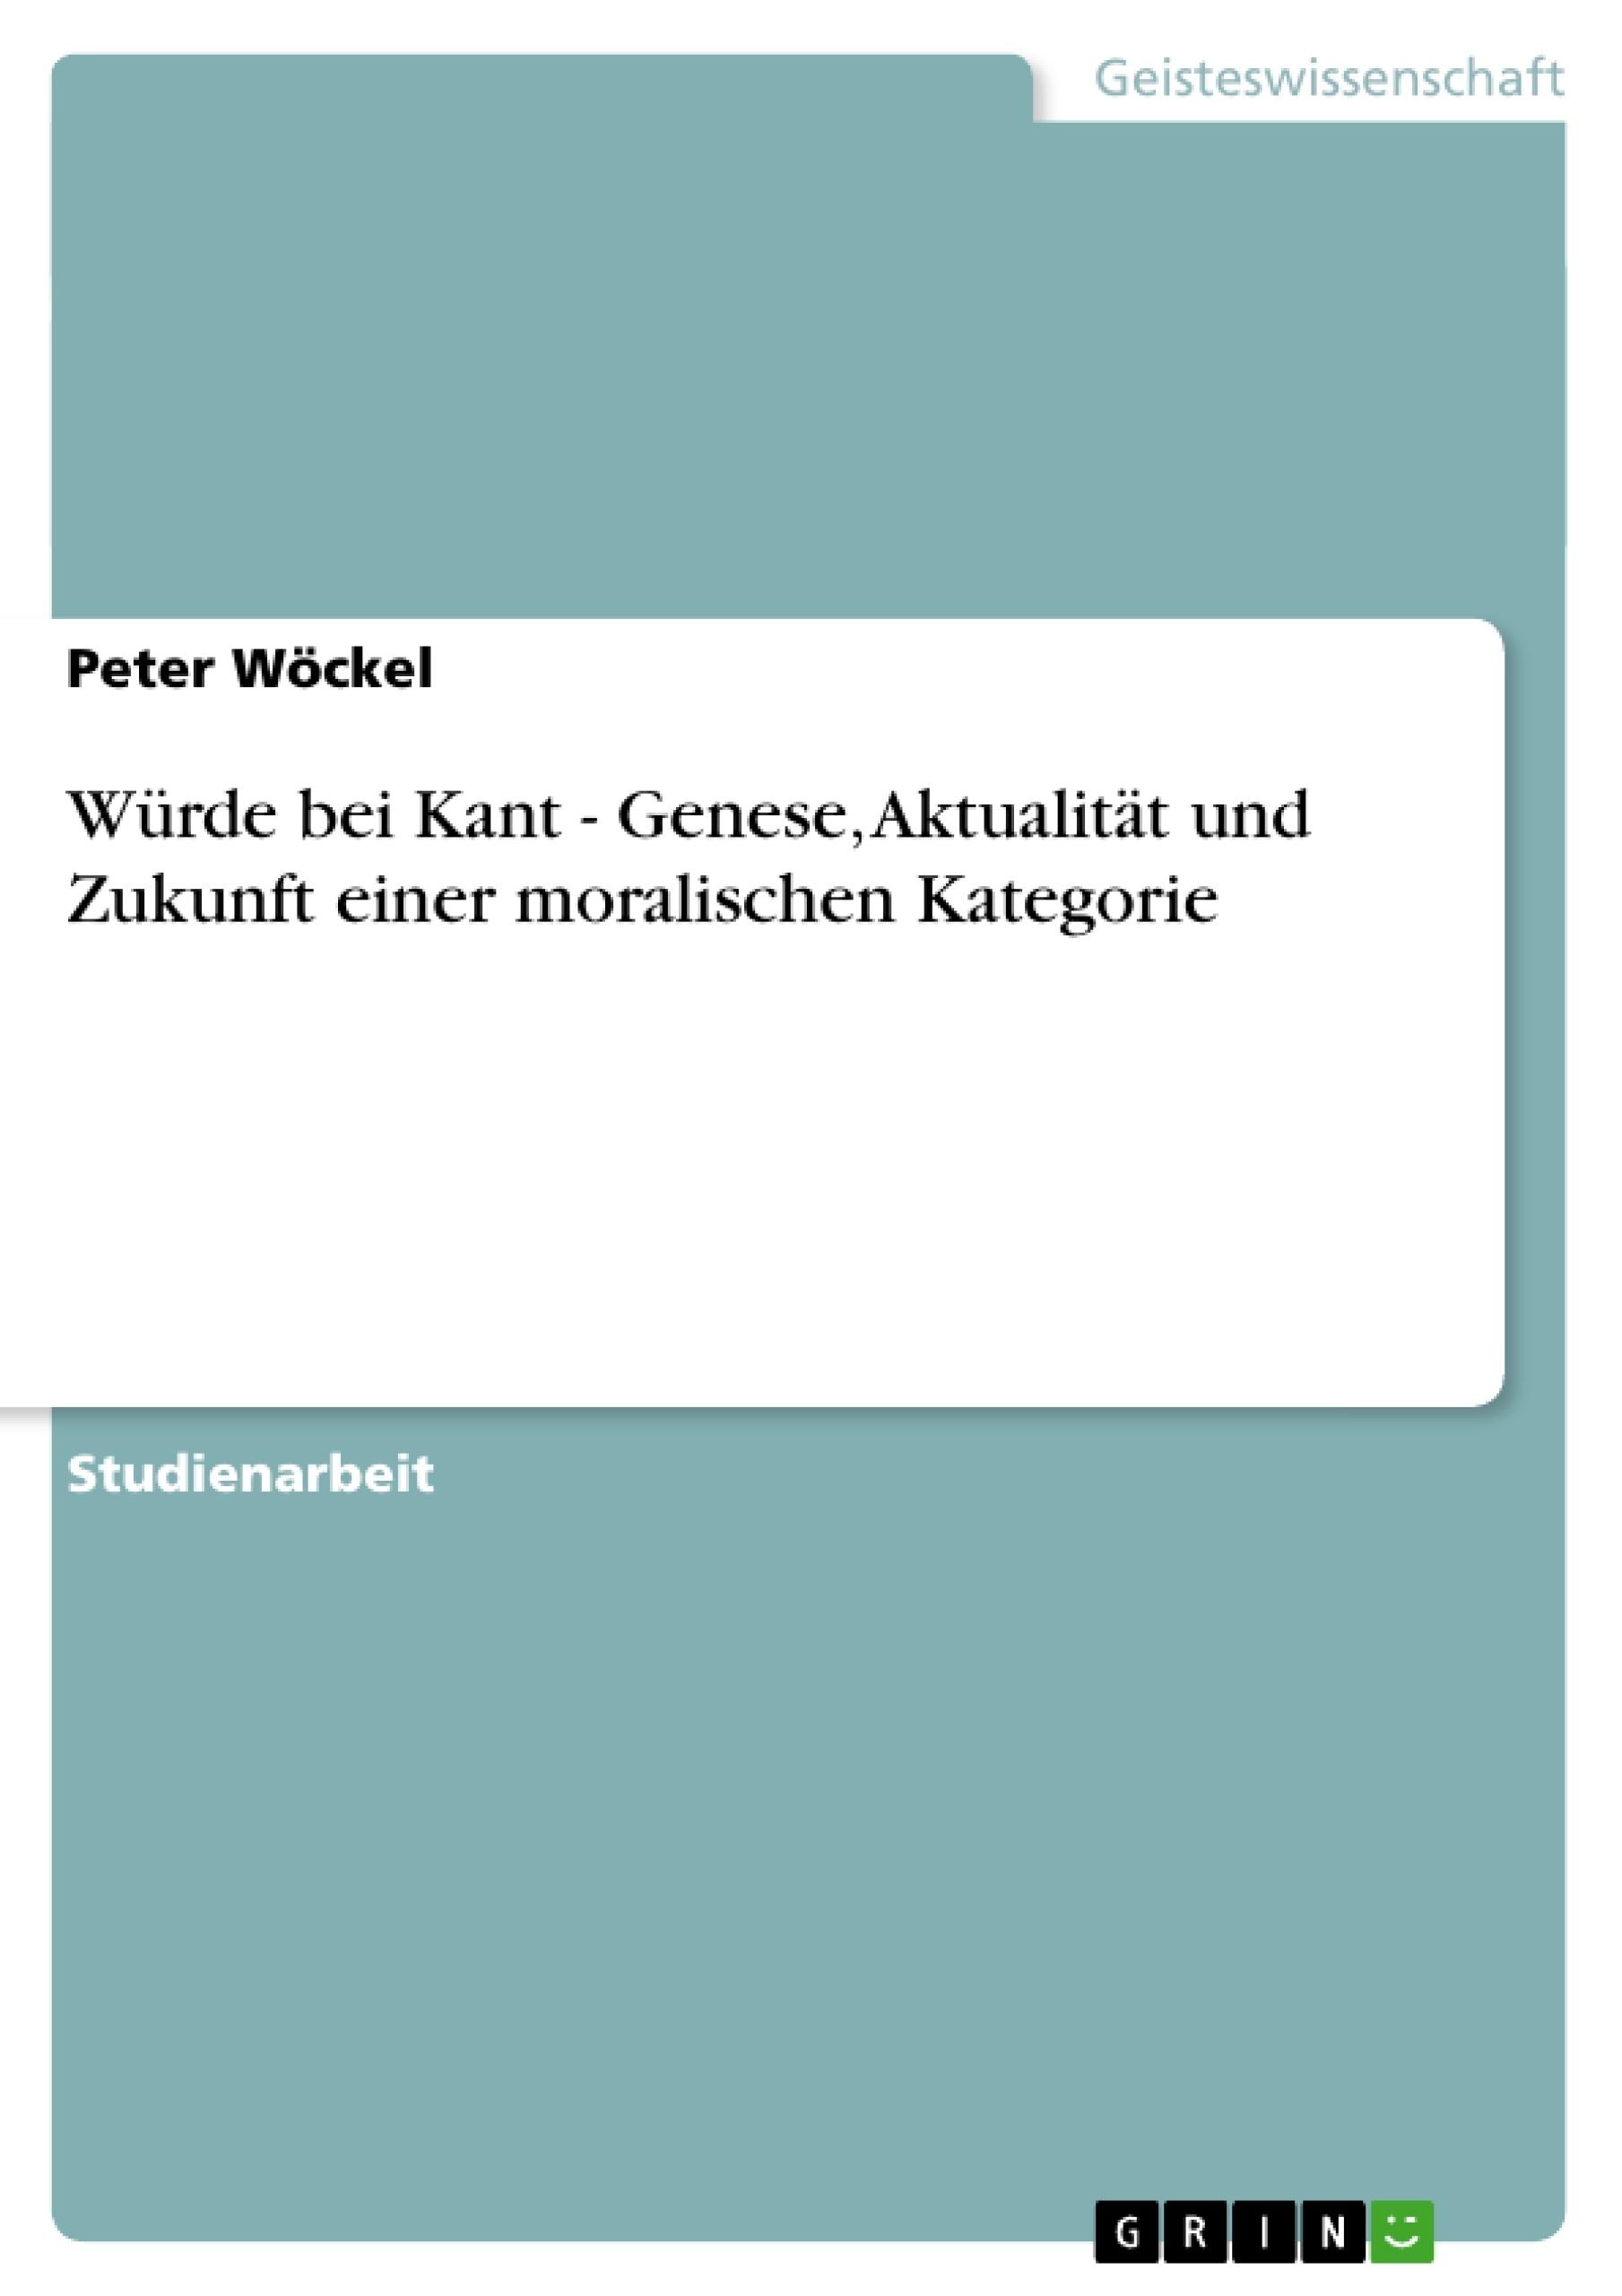 Titel: Würde bei Kant - Genese, Aktualität und Zukunft einer moralischen Kategorie